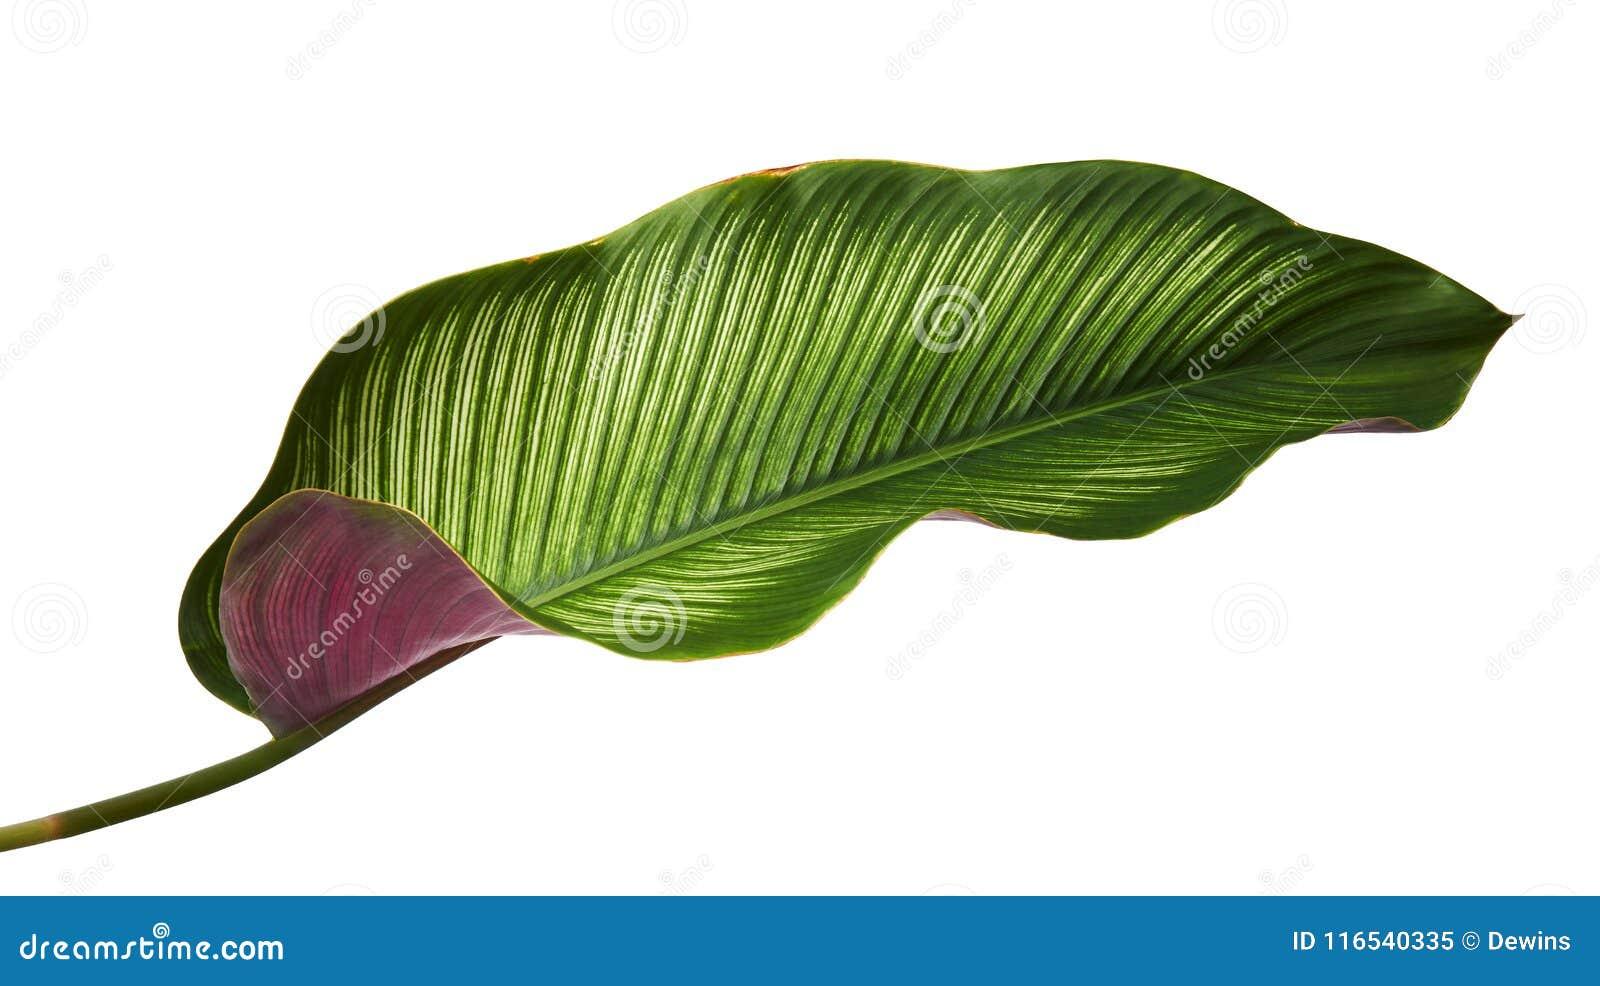 La tela a rayas Calathea del ornata de Calathea se va, follaje tropical aislado en el fondo blanco, con la trayectoria de recorte